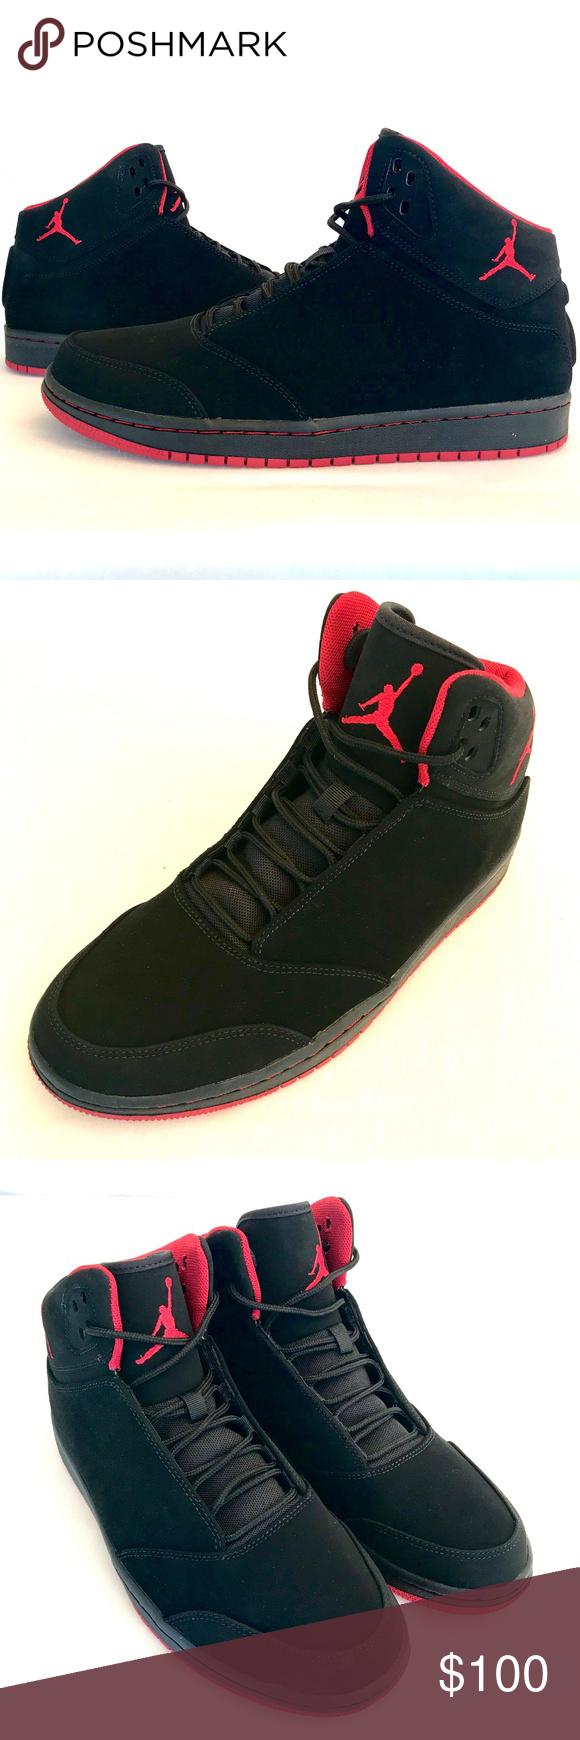 284ecc634216b5 NEW Air Jordan 1 Flight 5 Basketball Shoes Size 10 BRAND NEW Nike Air Jordan  1 Flight 5 Black Gym Red Basketball Shoes Size 10 Nike Shoes Athletic Shoes